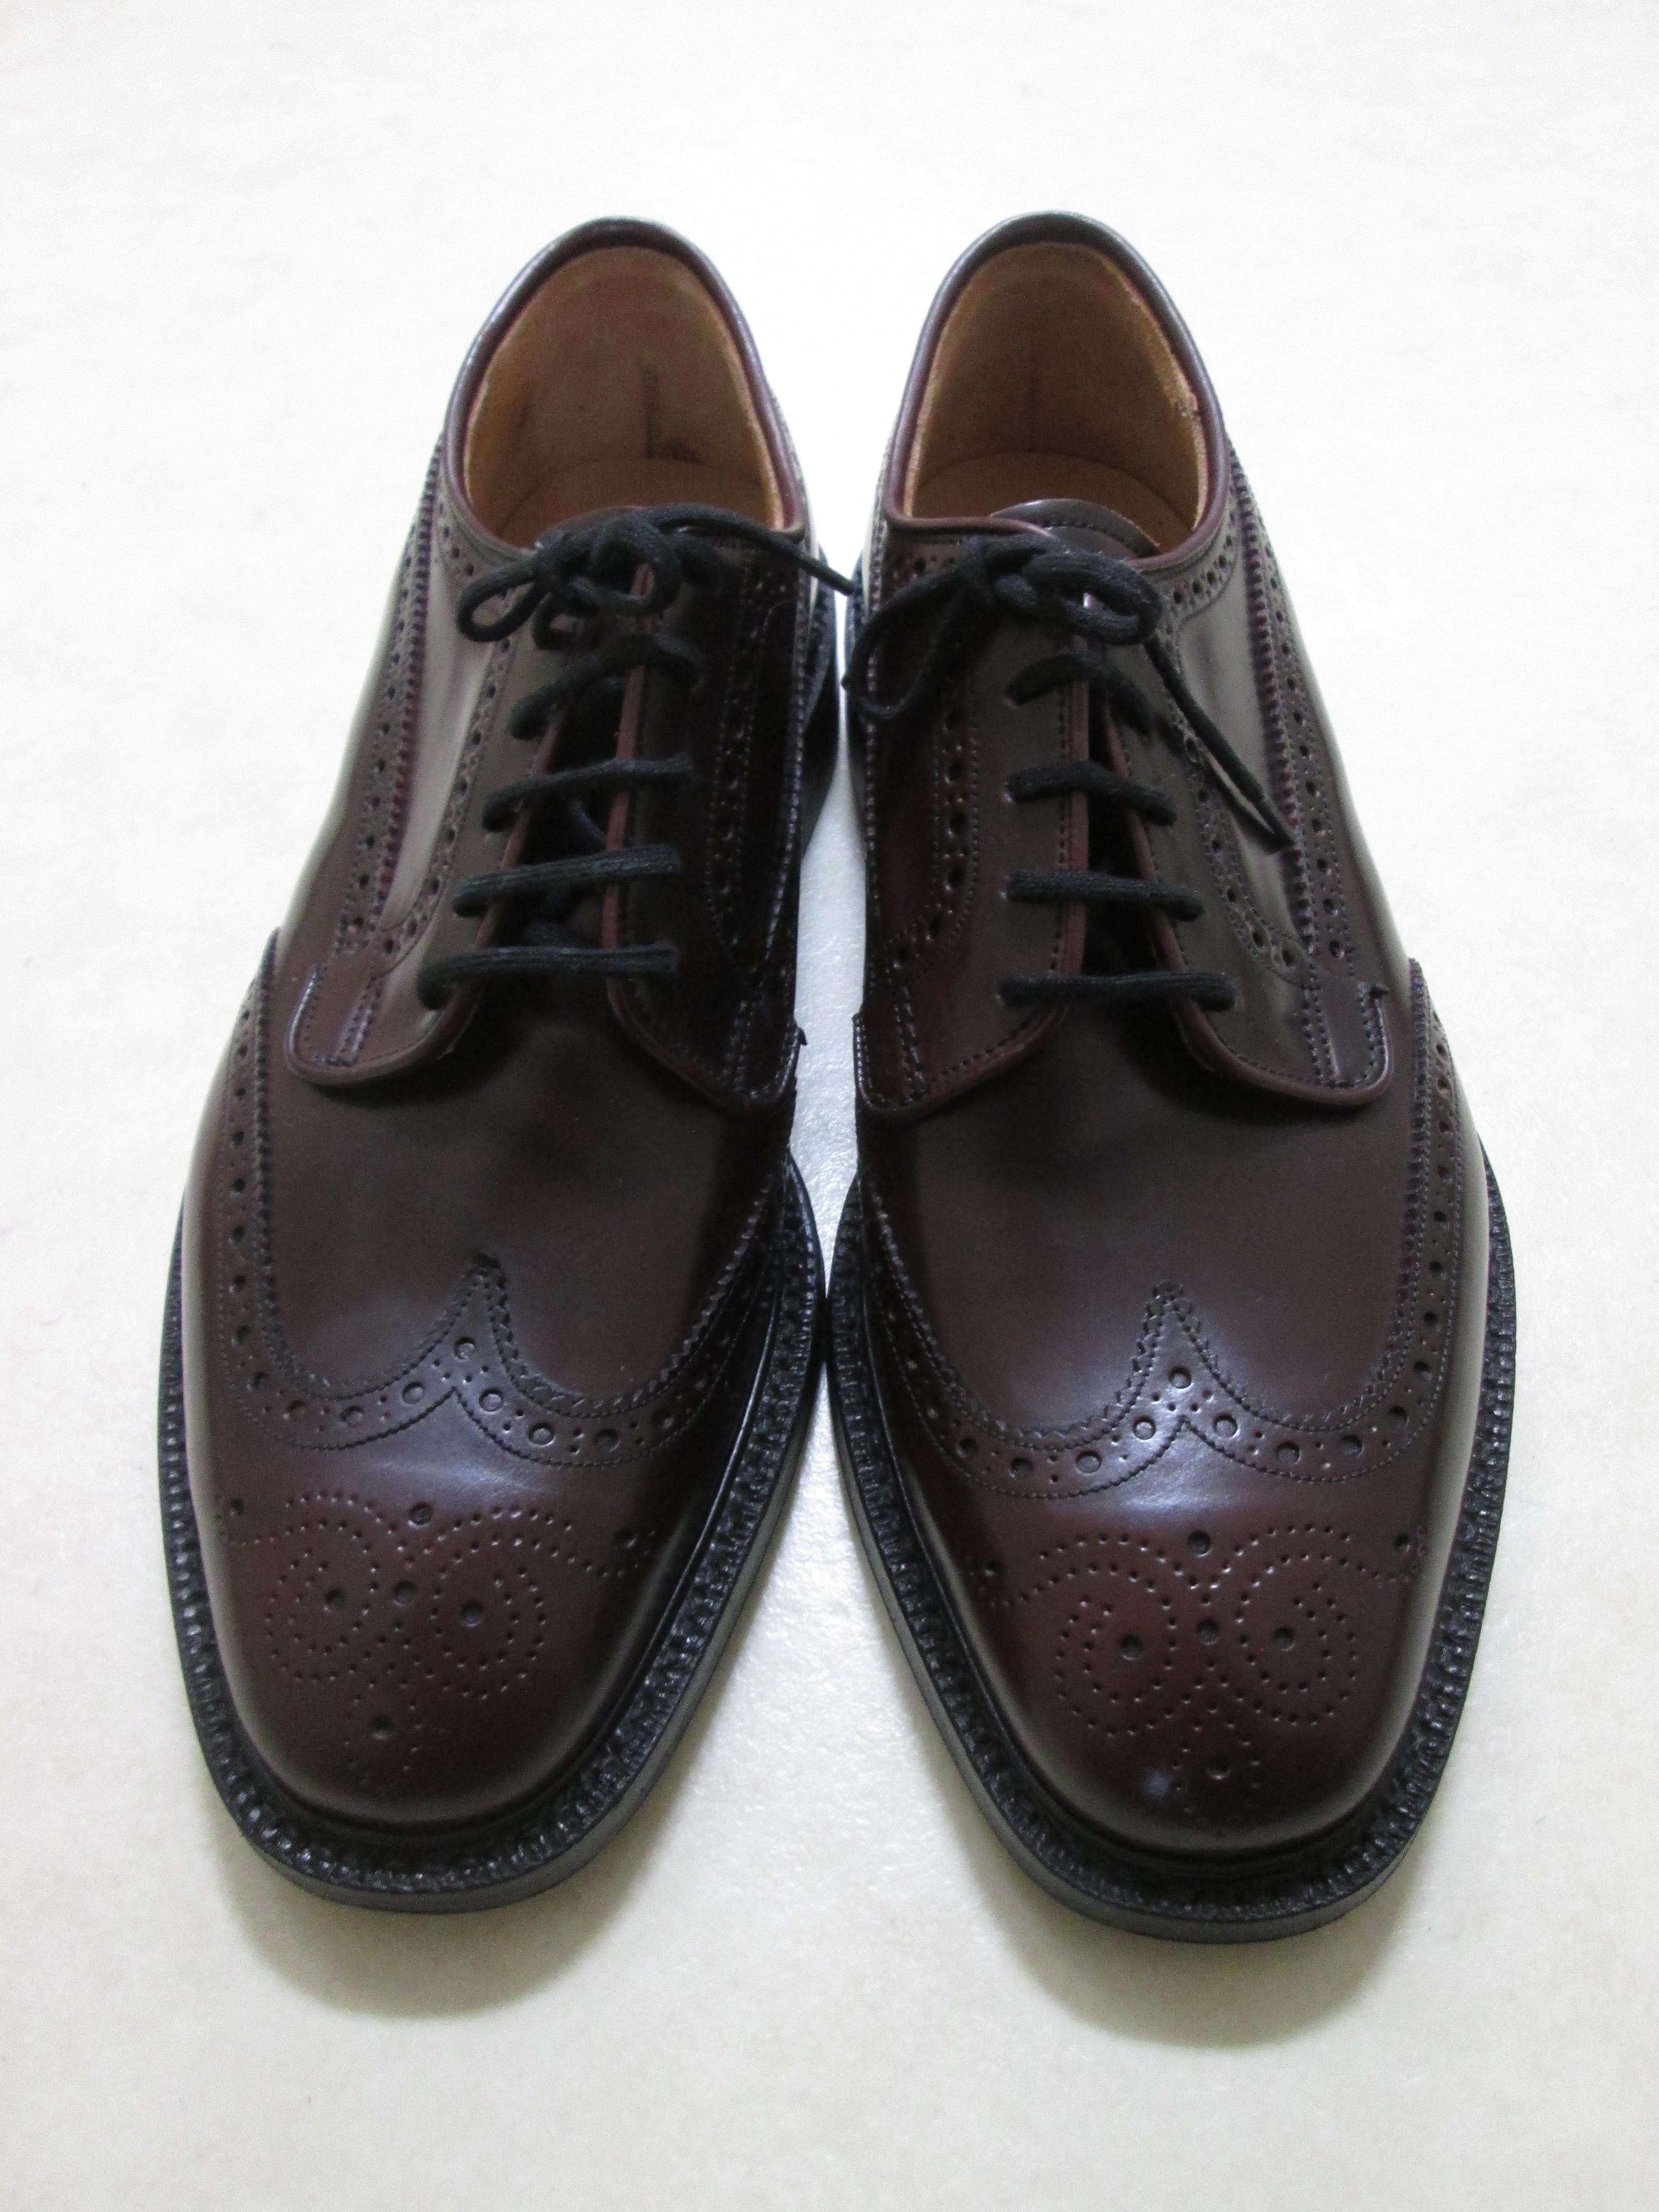 コードバンの靴と革小物について